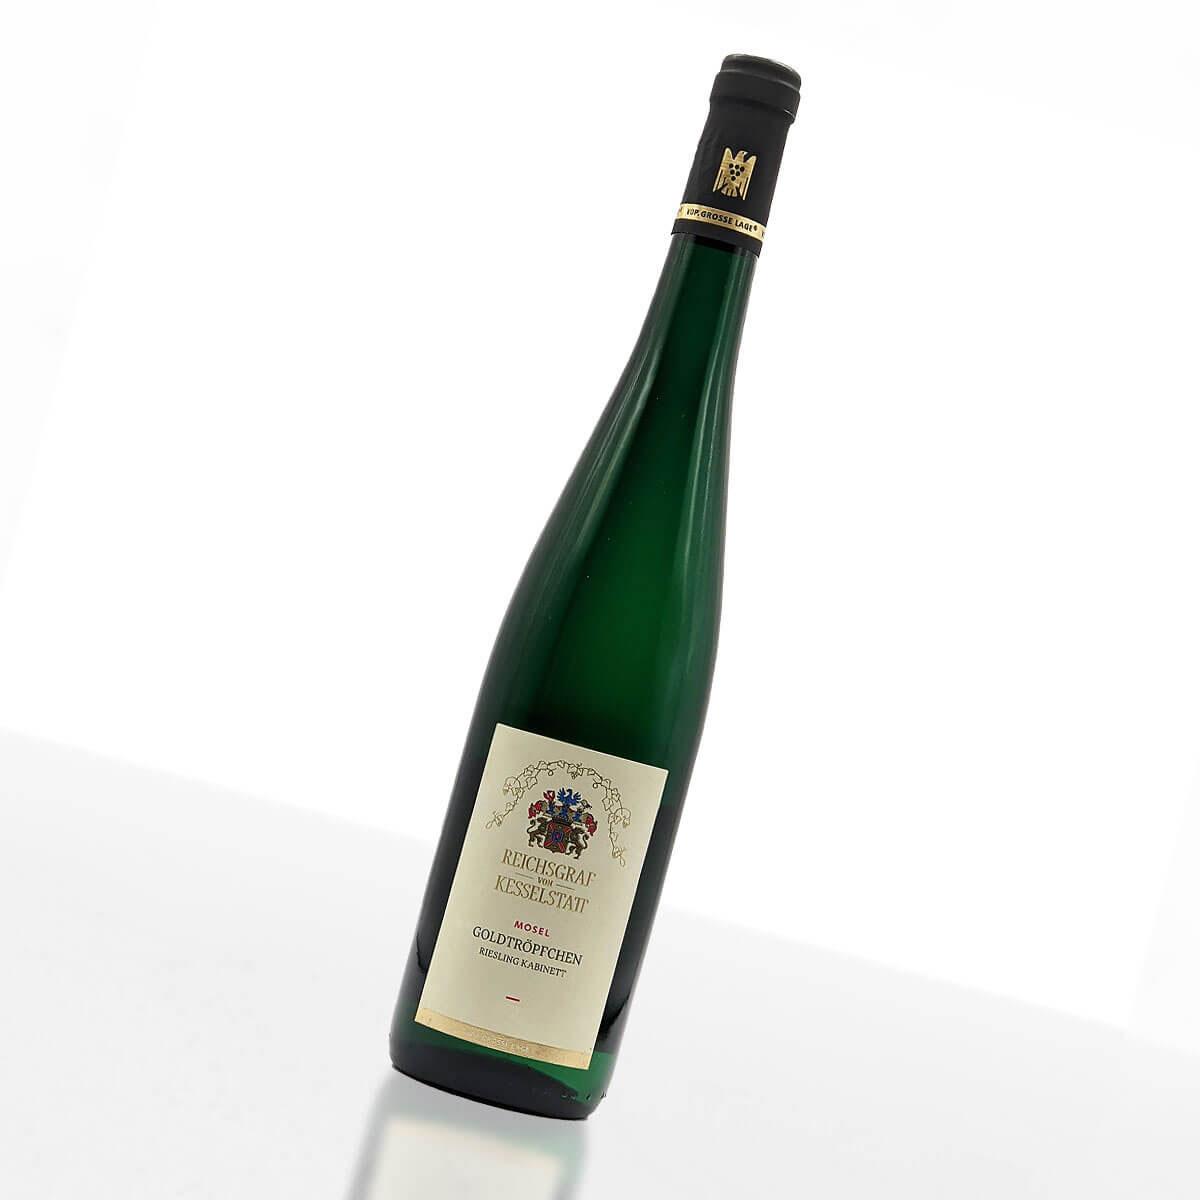 2019er Piesporter Goldtröpfchen Kabinett Riesling feinfruchtig • Weingut Reichsgraf von Kesselstatt